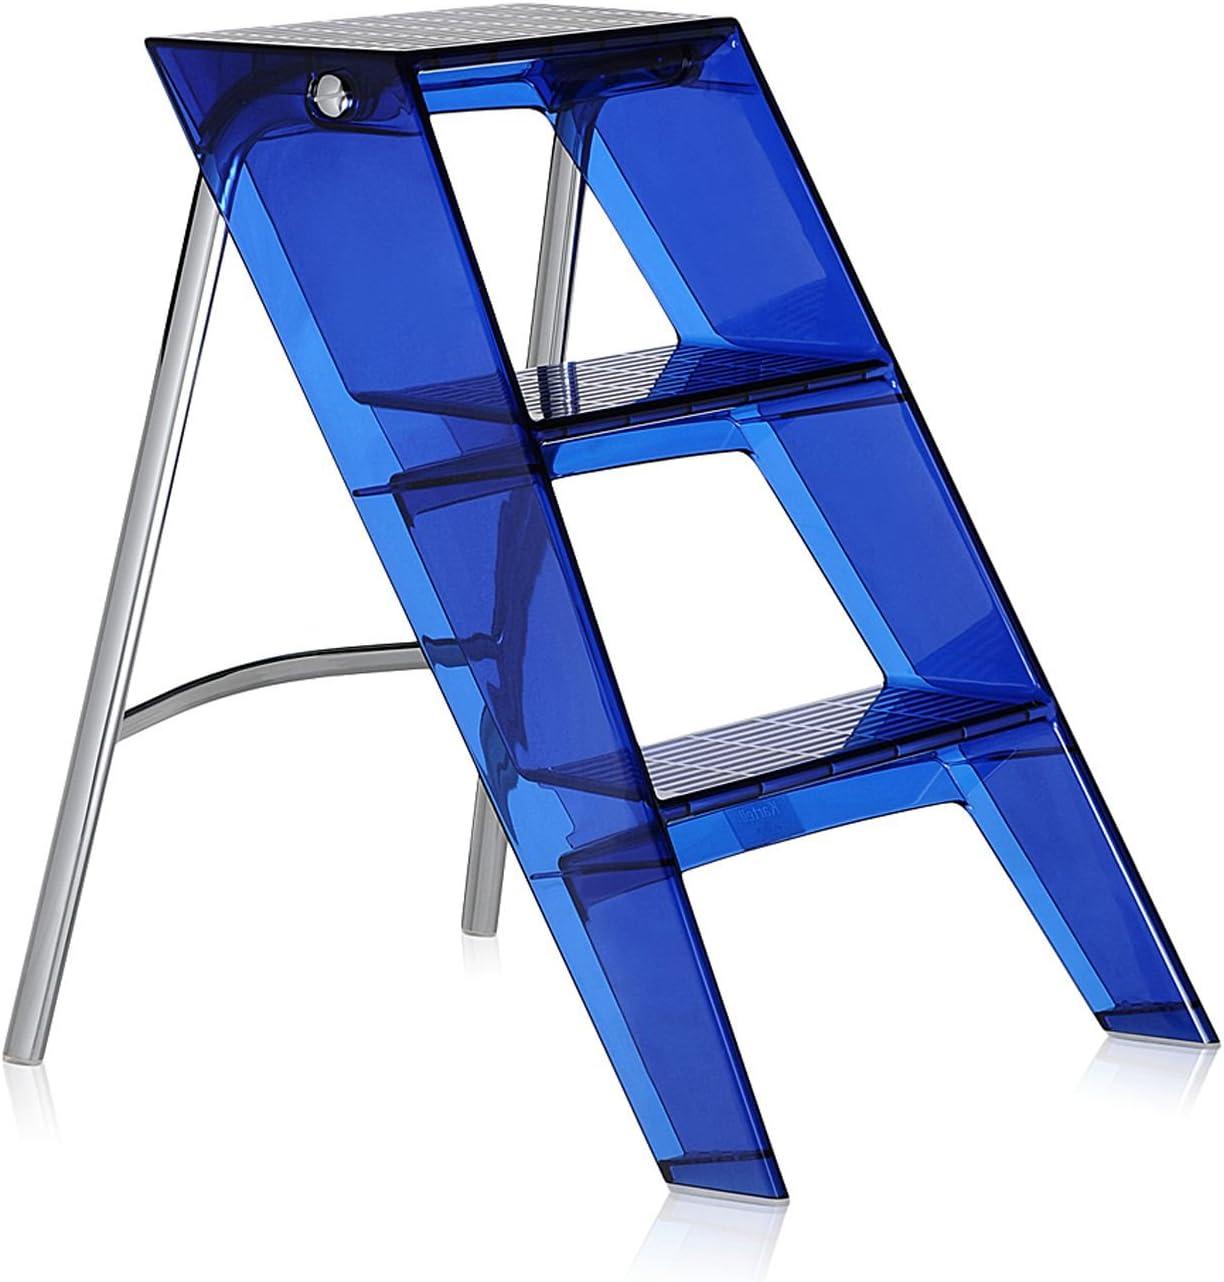 Kartell Upper – Escalera plegable de transparente azul cobalto (Original fabricado en Italia): Amazon.es: Bricolaje y herramientas